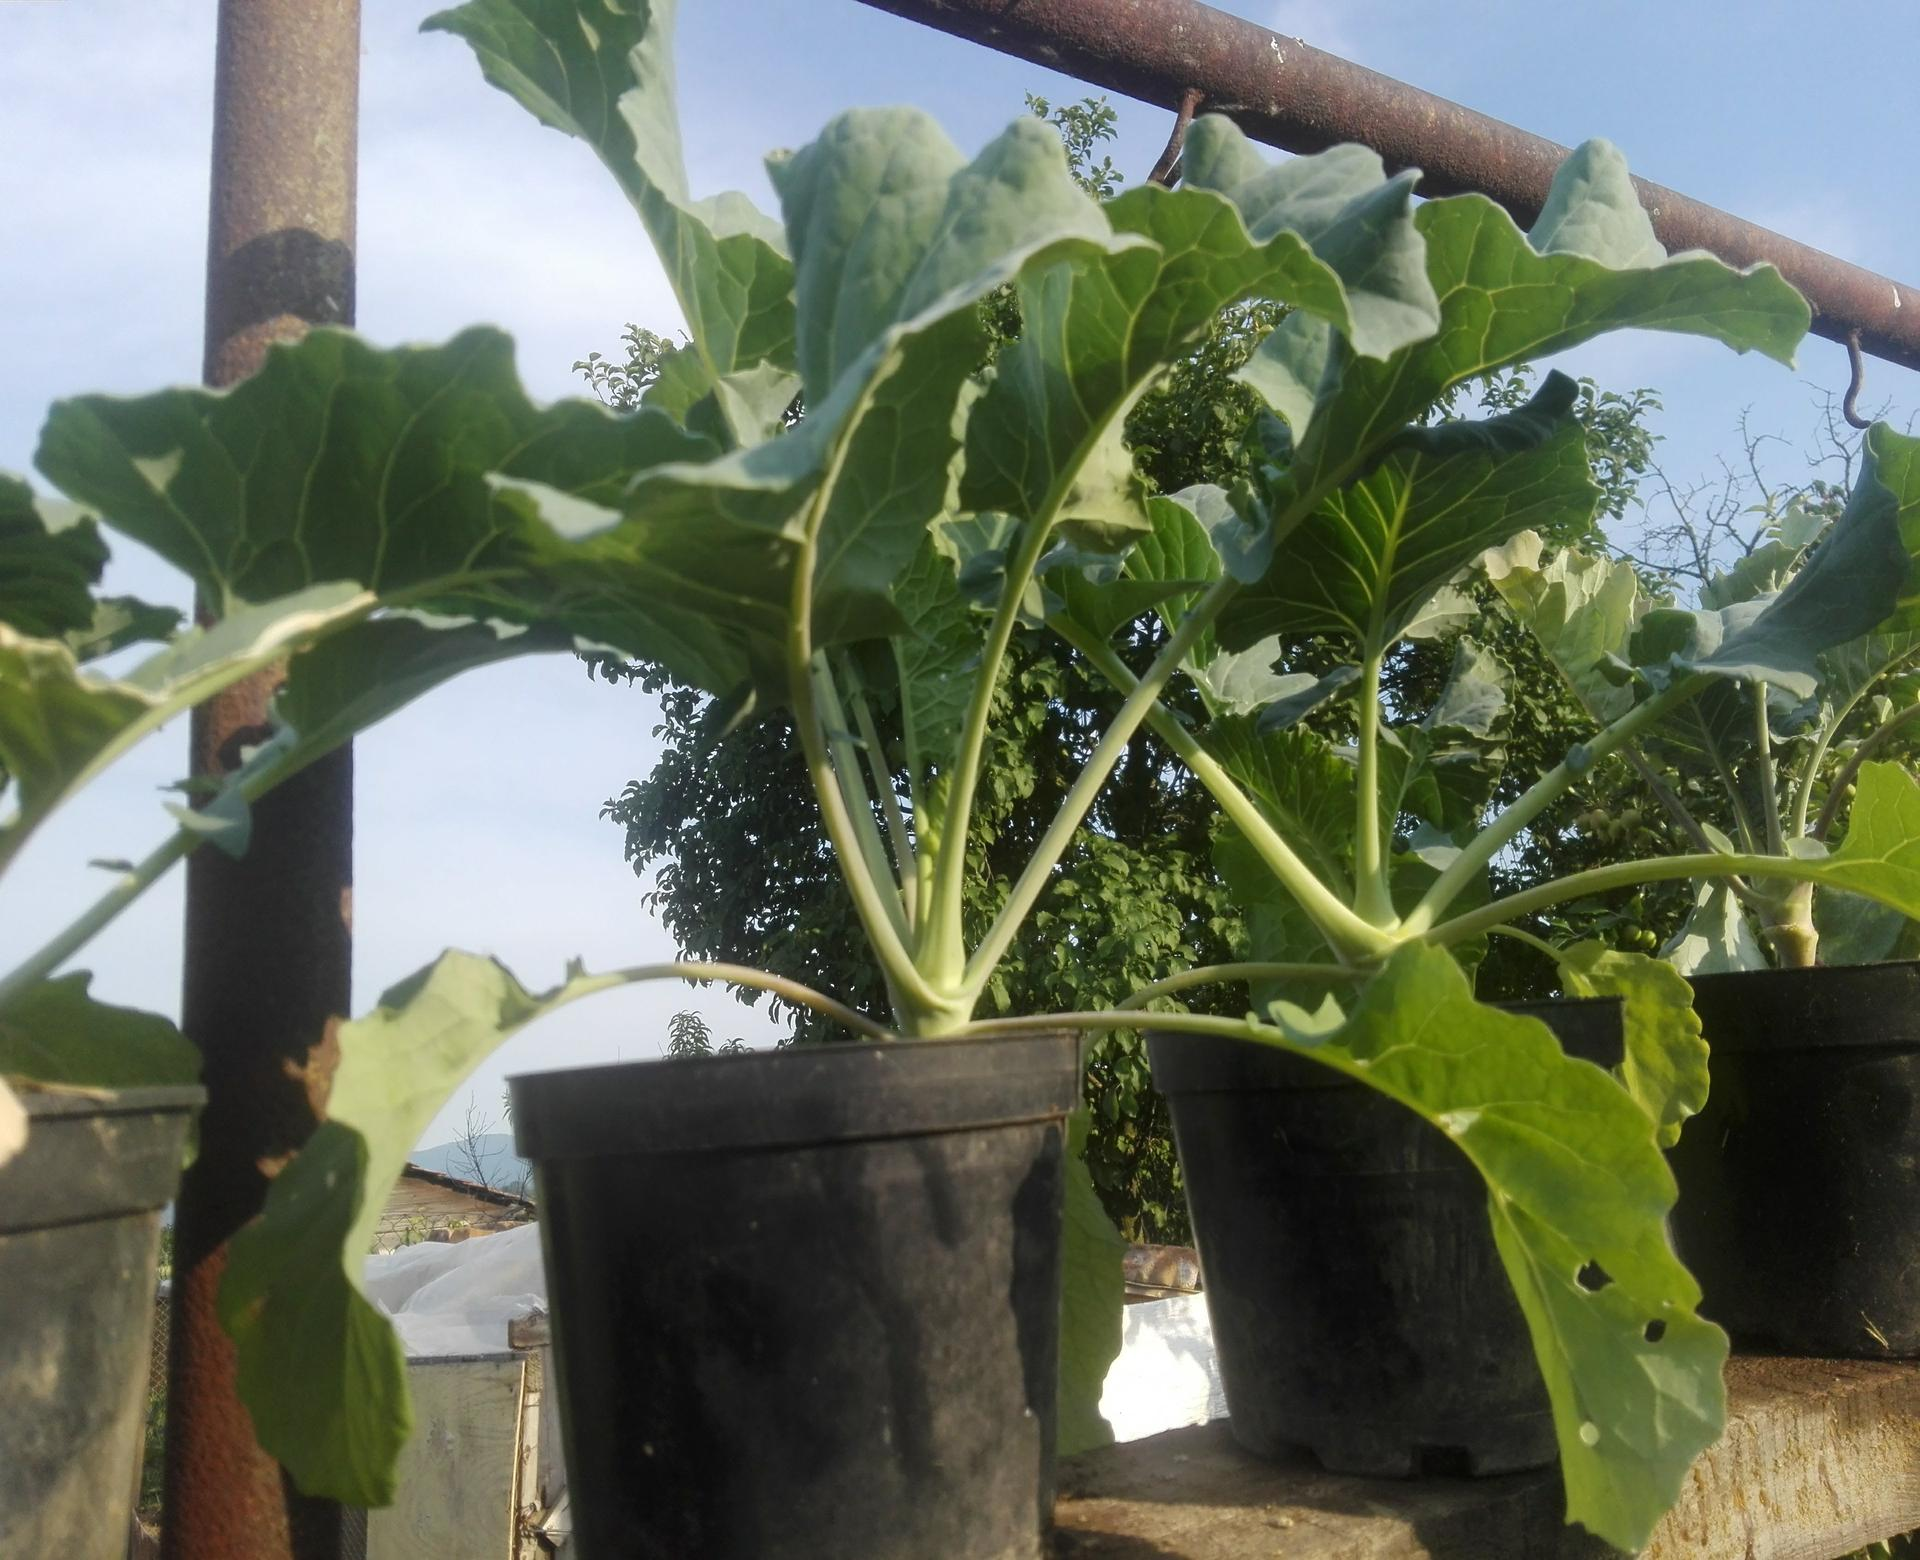 Moj rok v zahrade - Obrázok č. 18